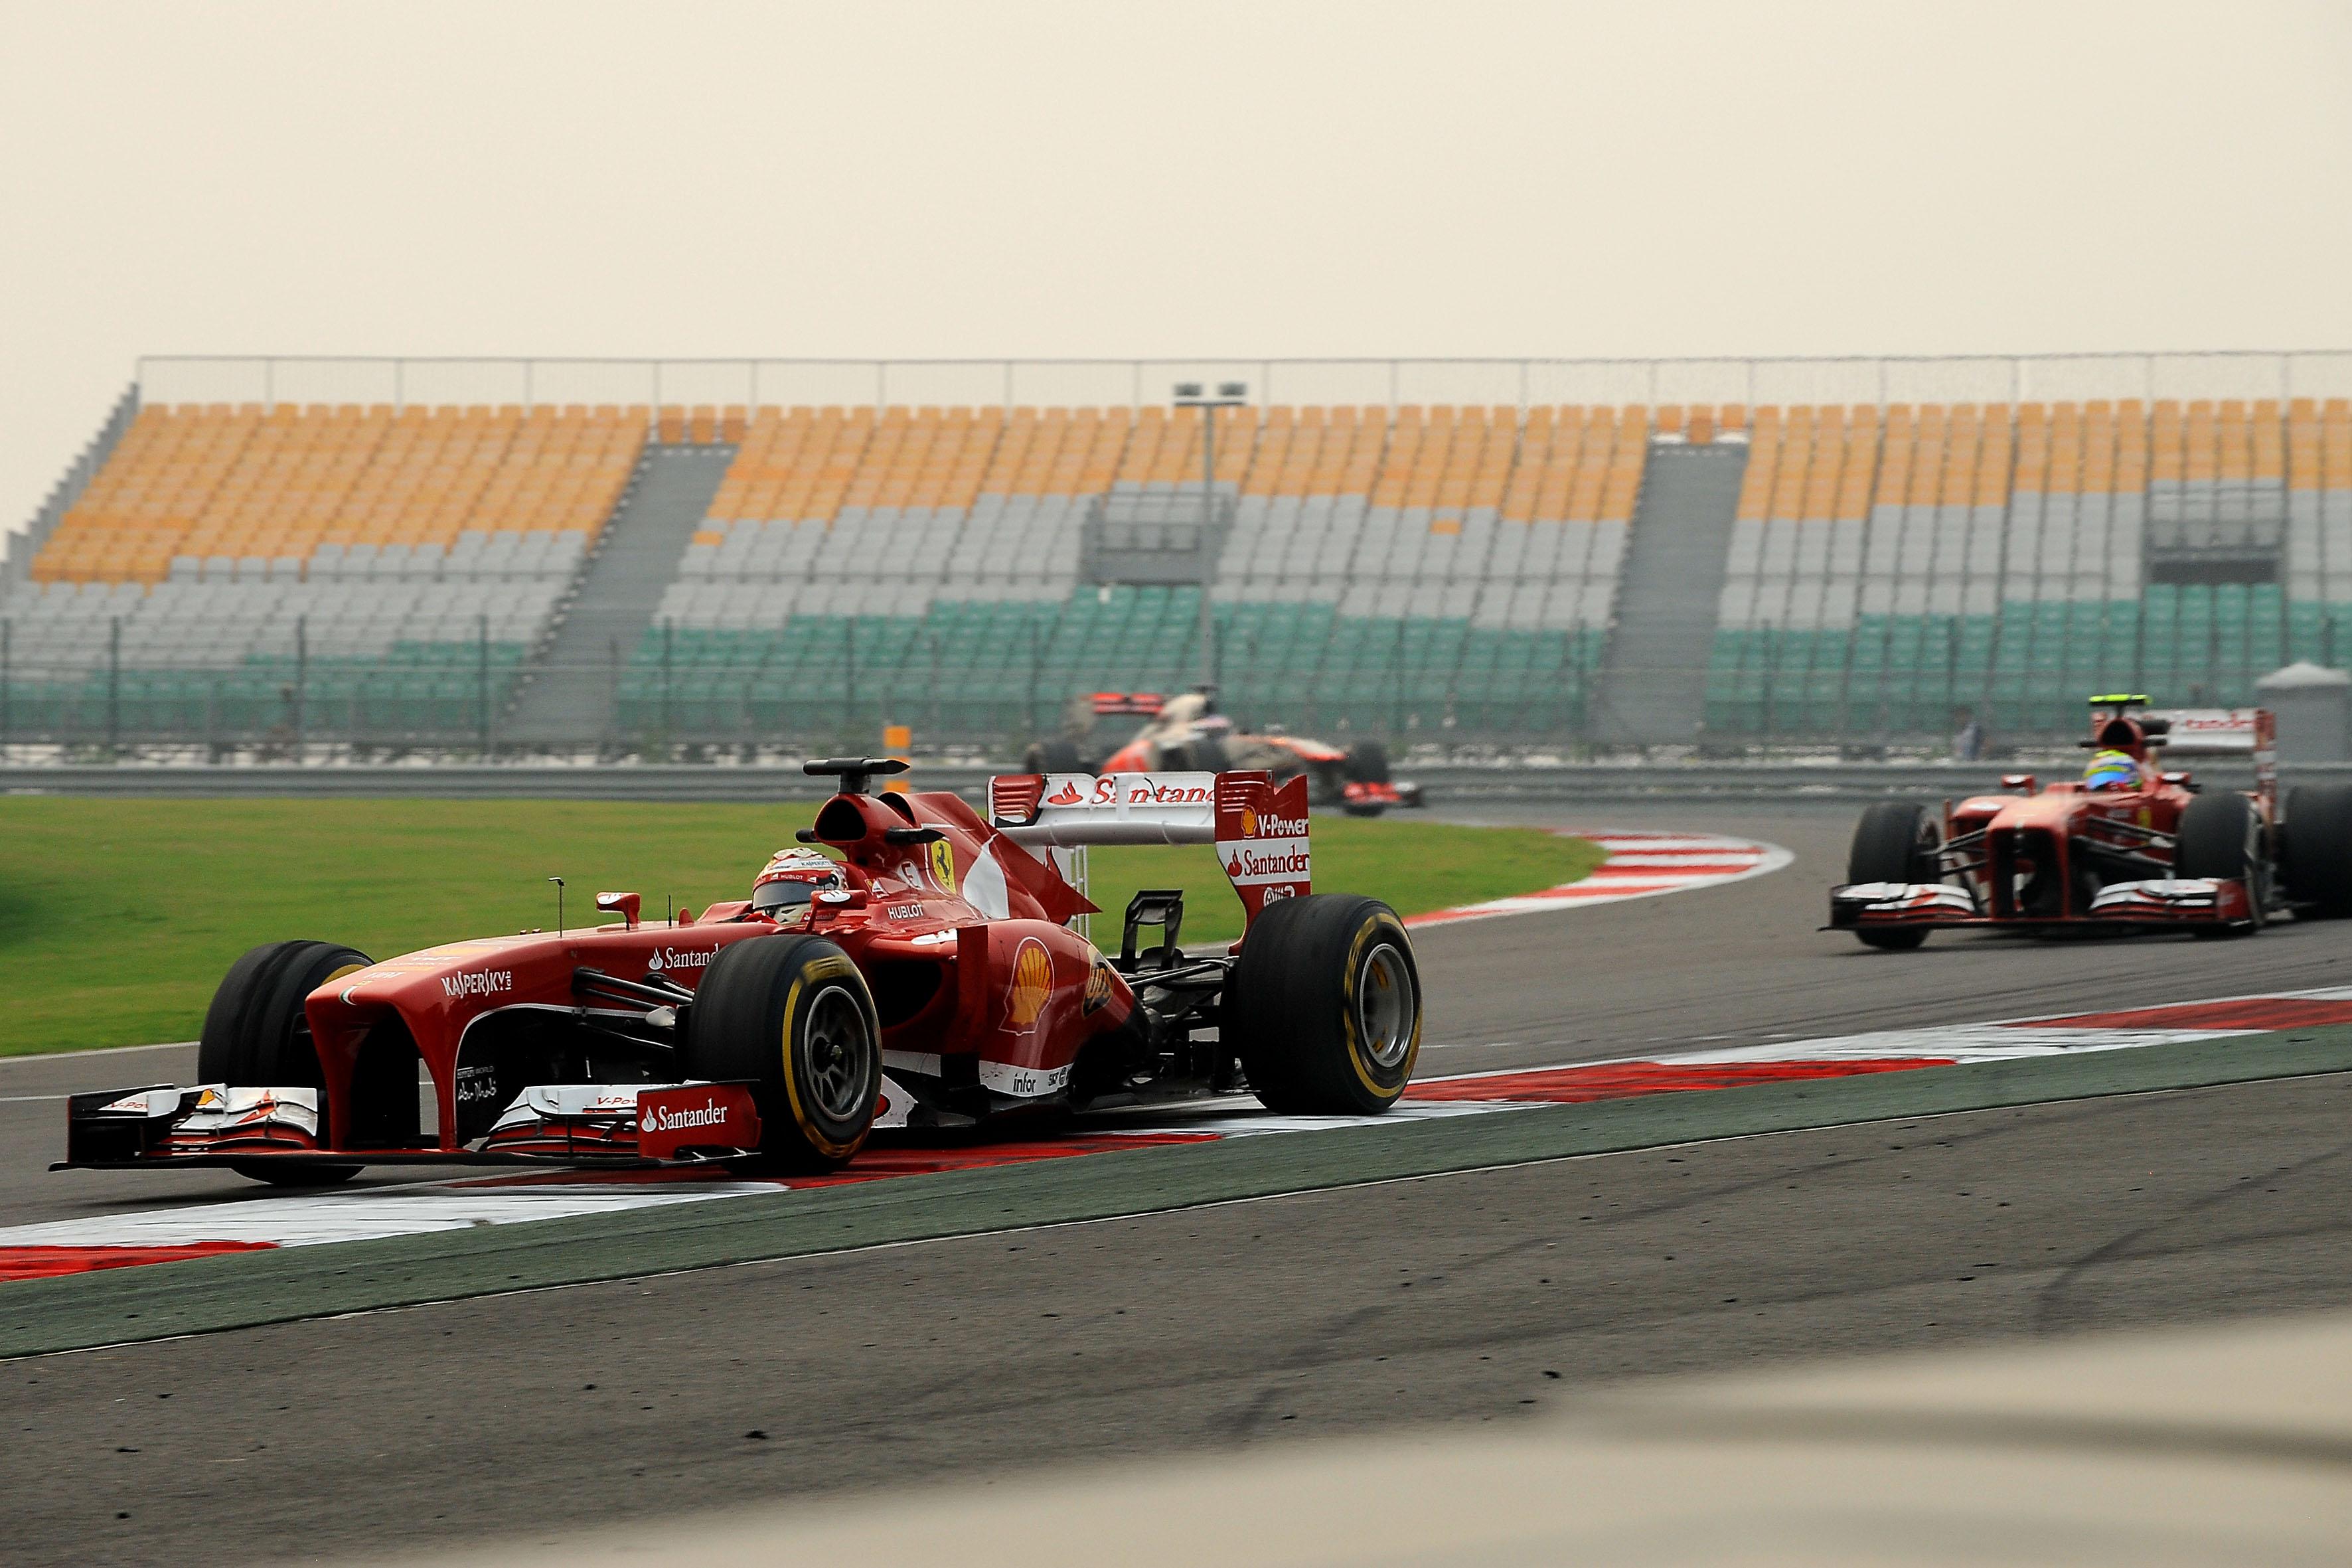 La Ferrari punta sulle qualifiche